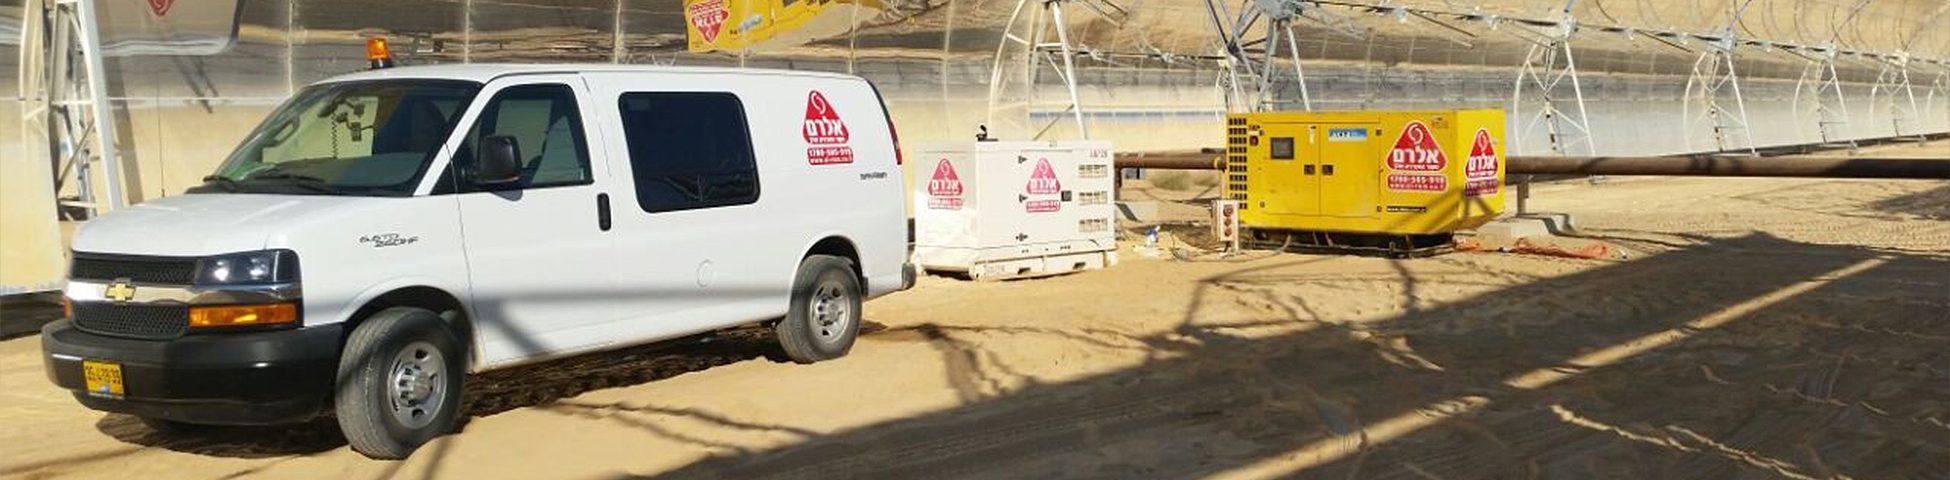 """גנרטורים מושכרים מאלרם להקמת הפרויקט הסולארי הגדול במזה""""ת המוקם בנגב"""